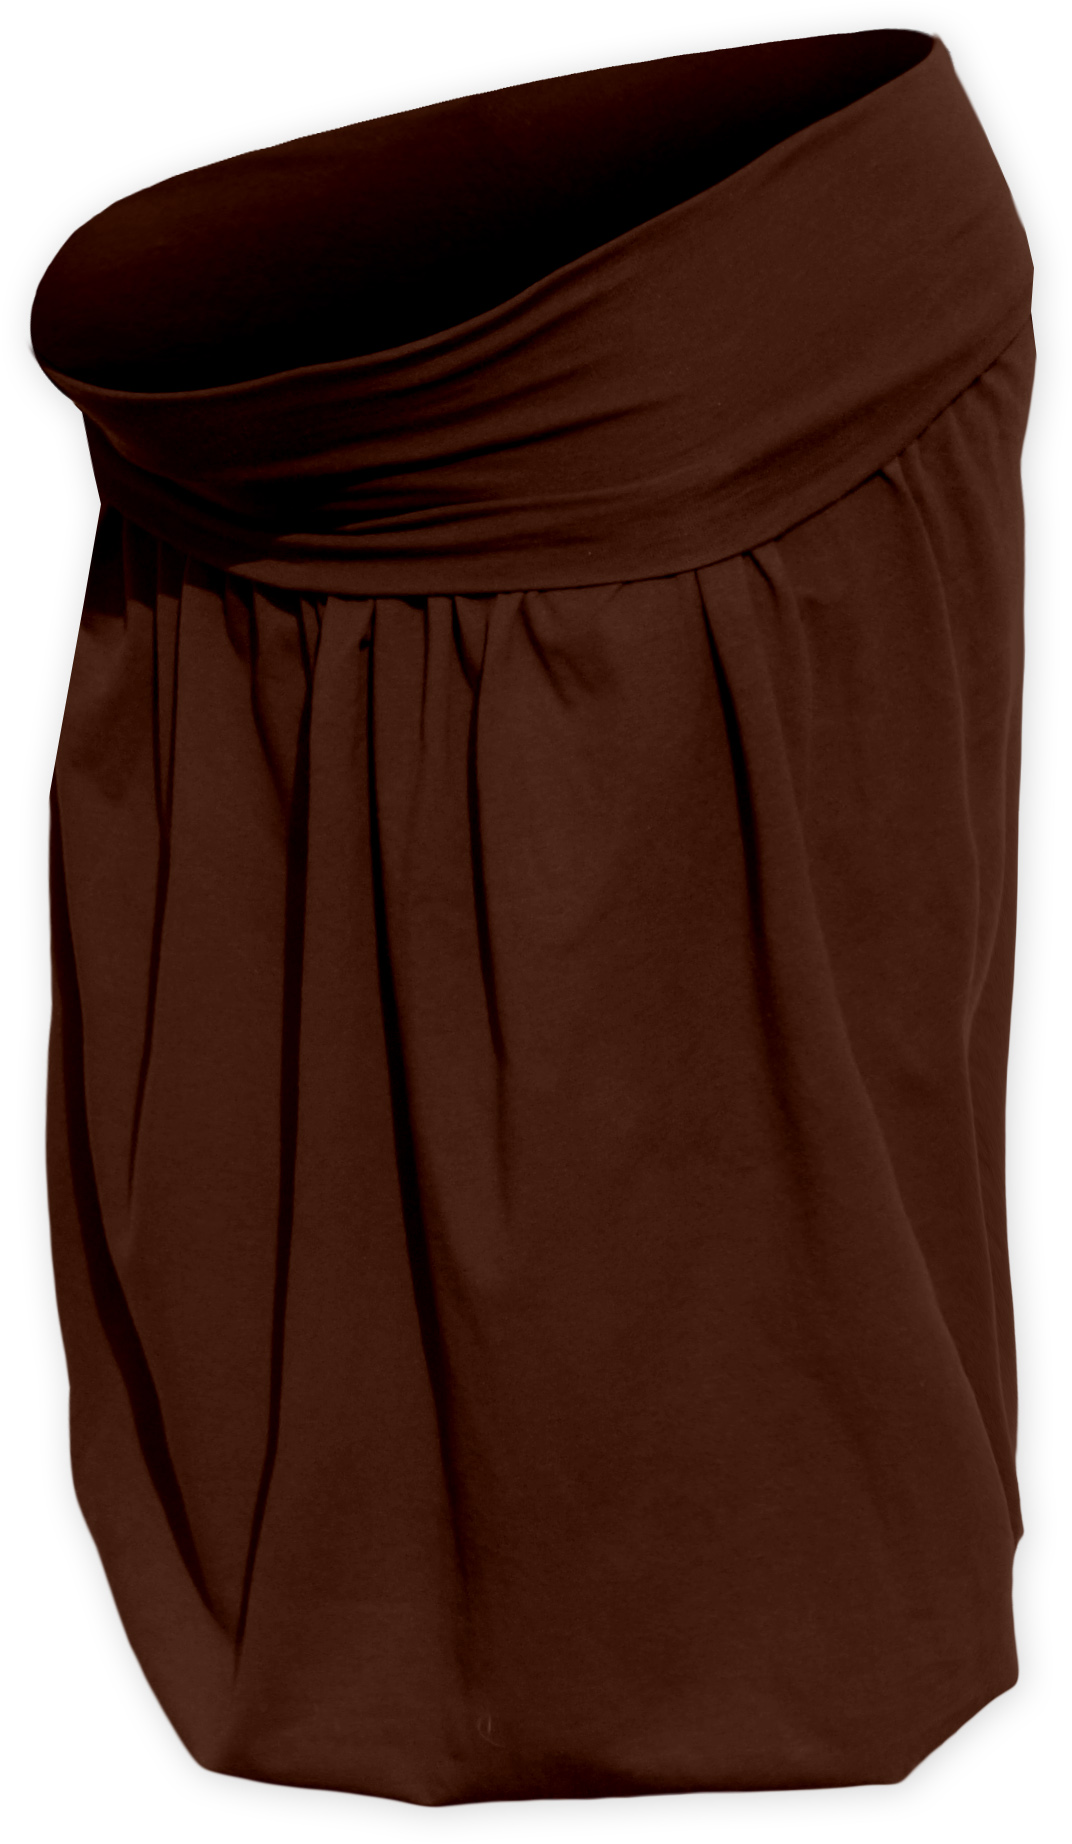 Těhotenská sukně balonová Sabina, hnědá